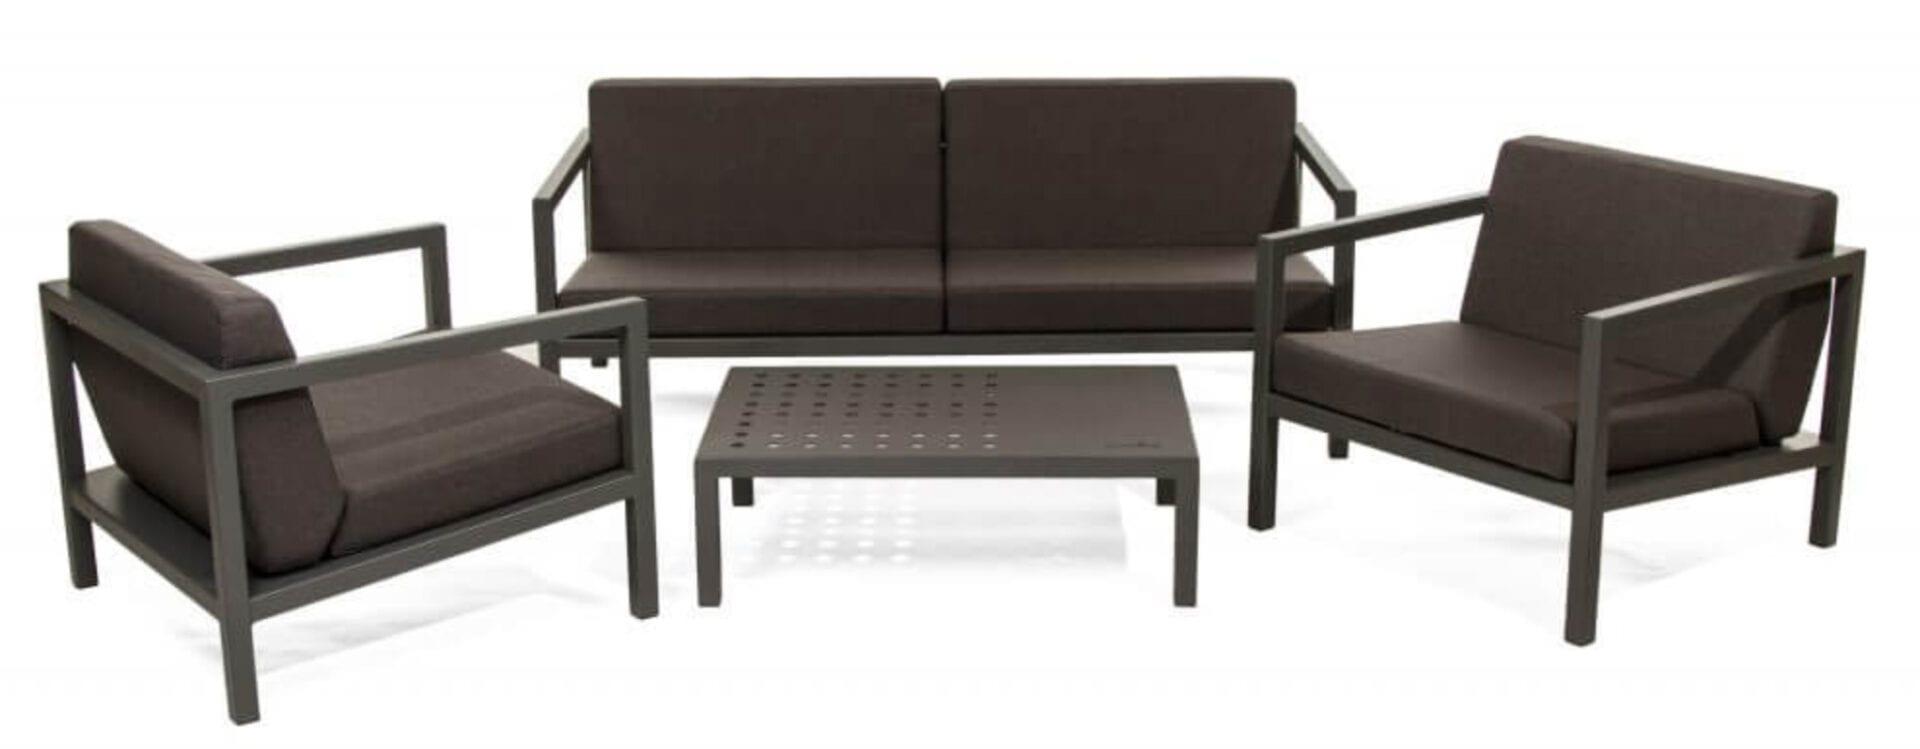 Sundays Design Frame Sofagruppe